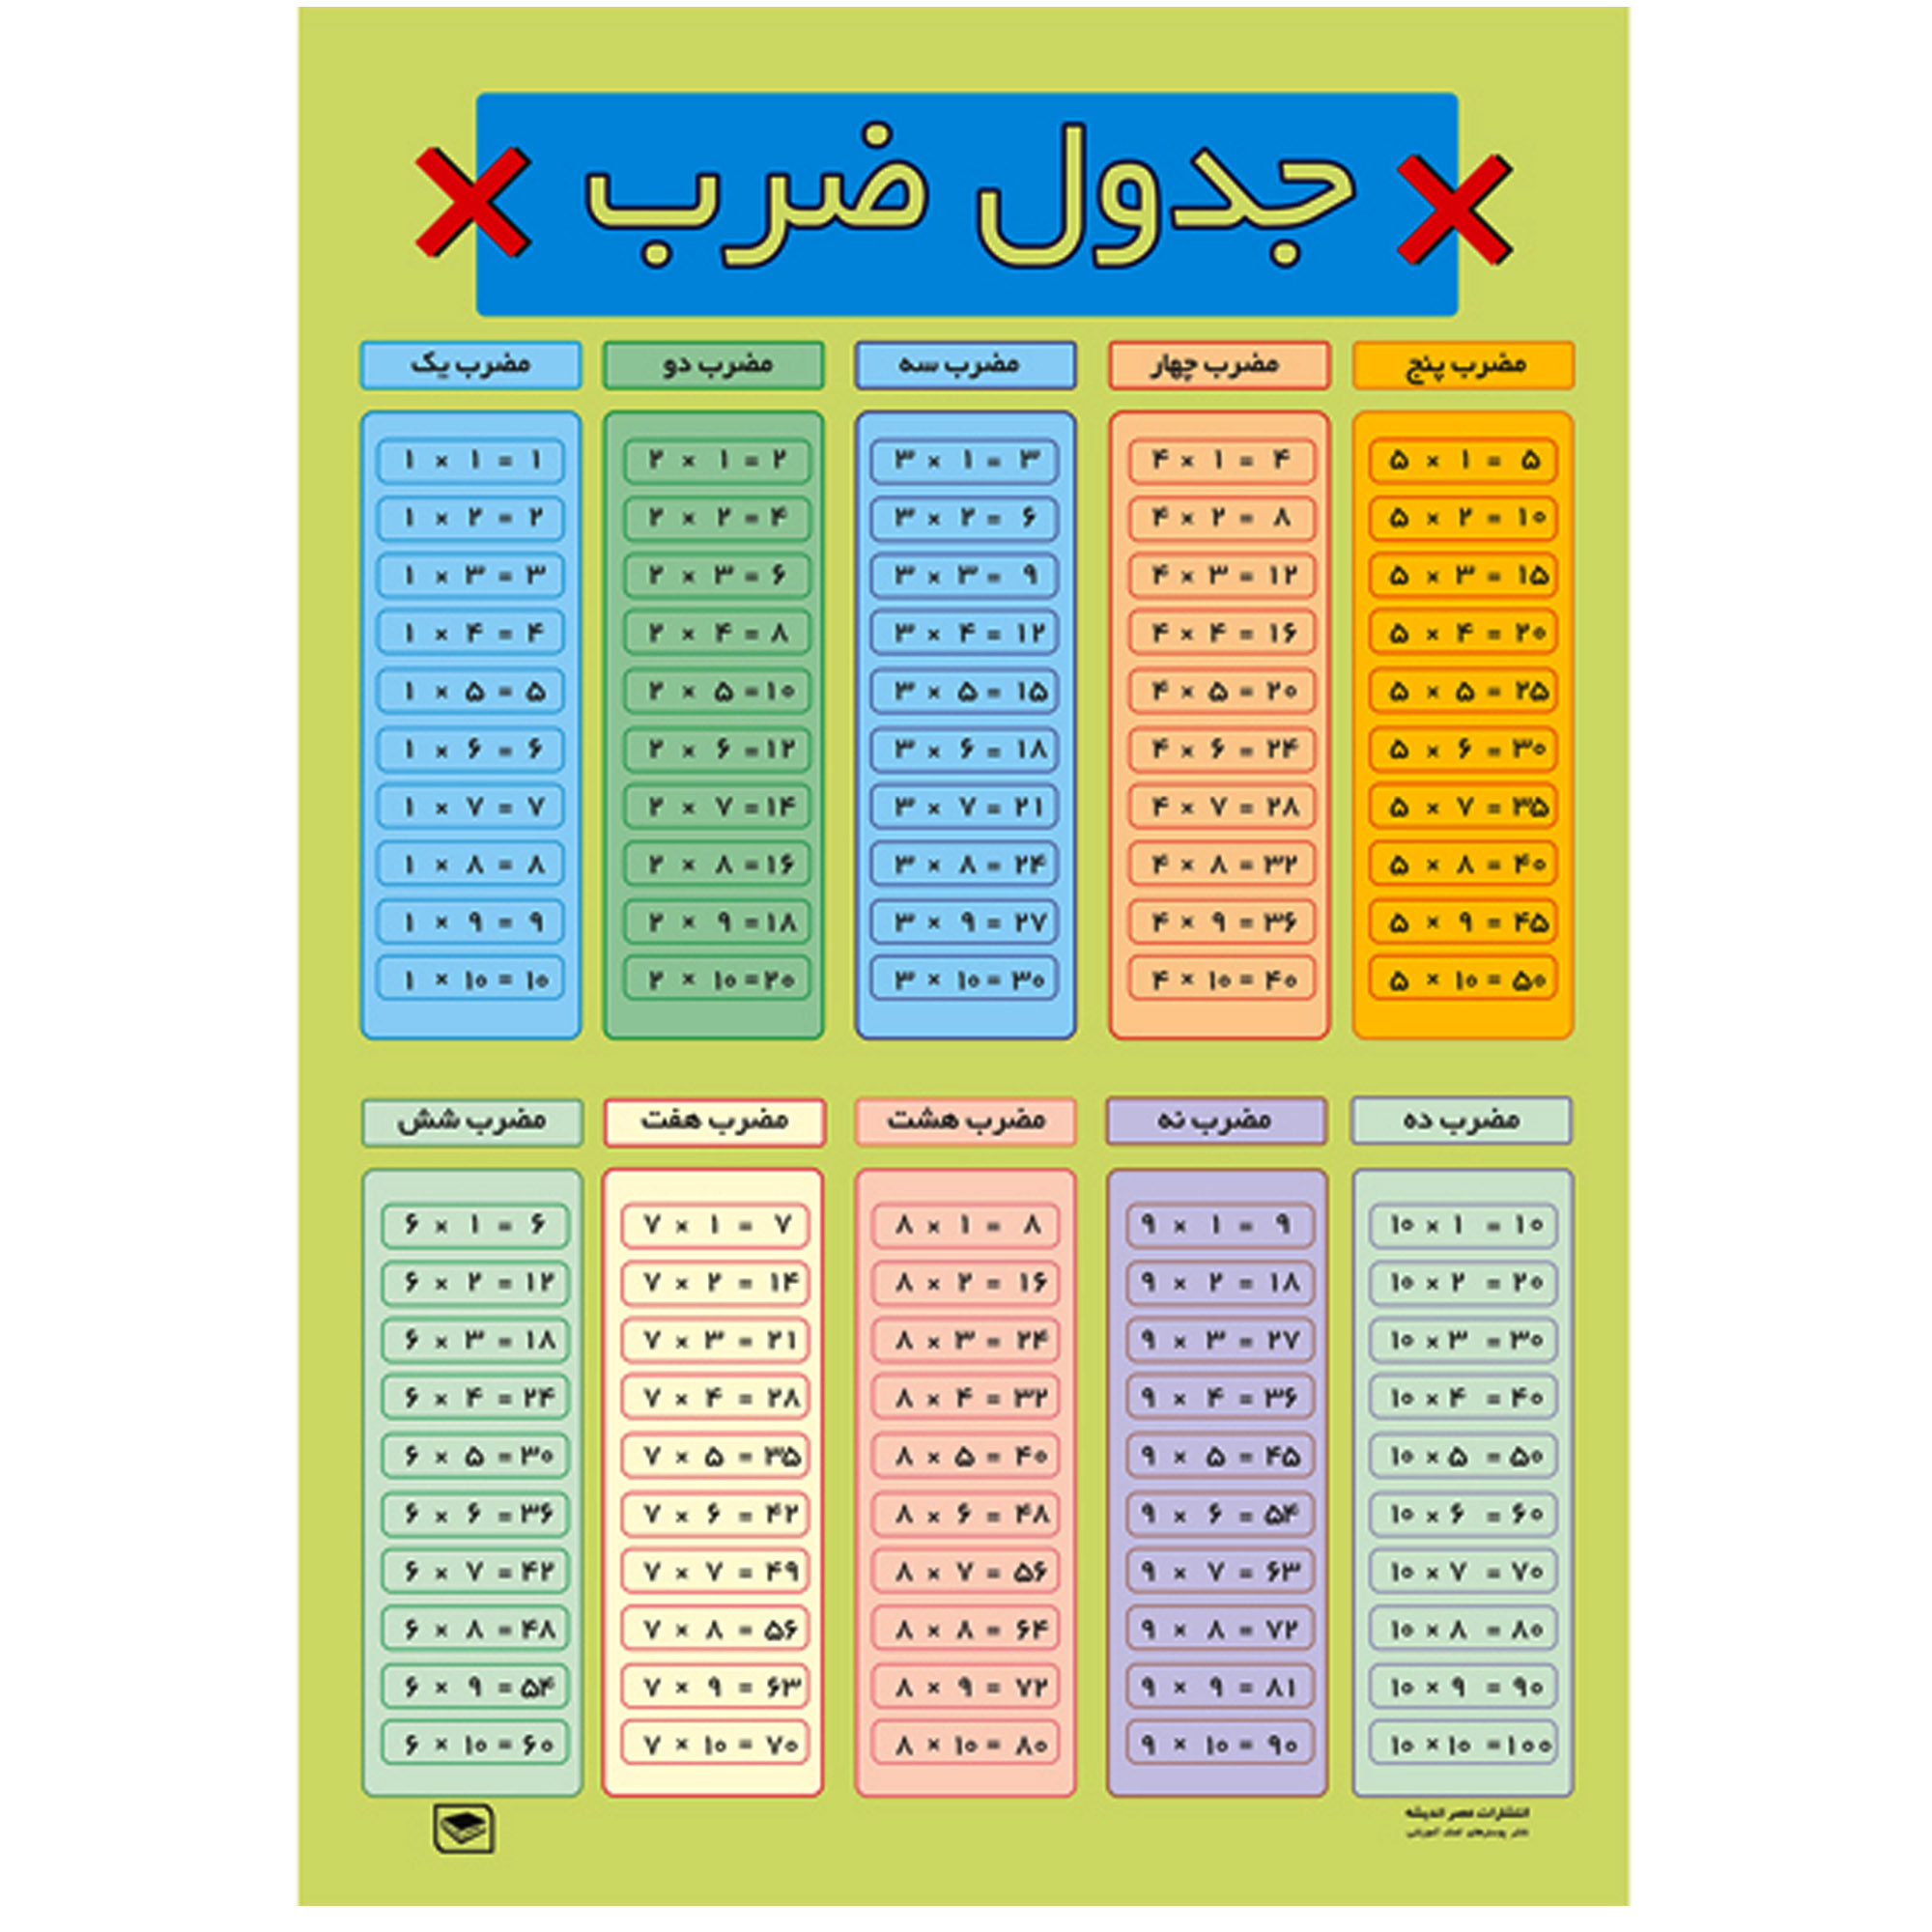 پوستر آموزشی طرح جدول ضرب عصر اندیشه